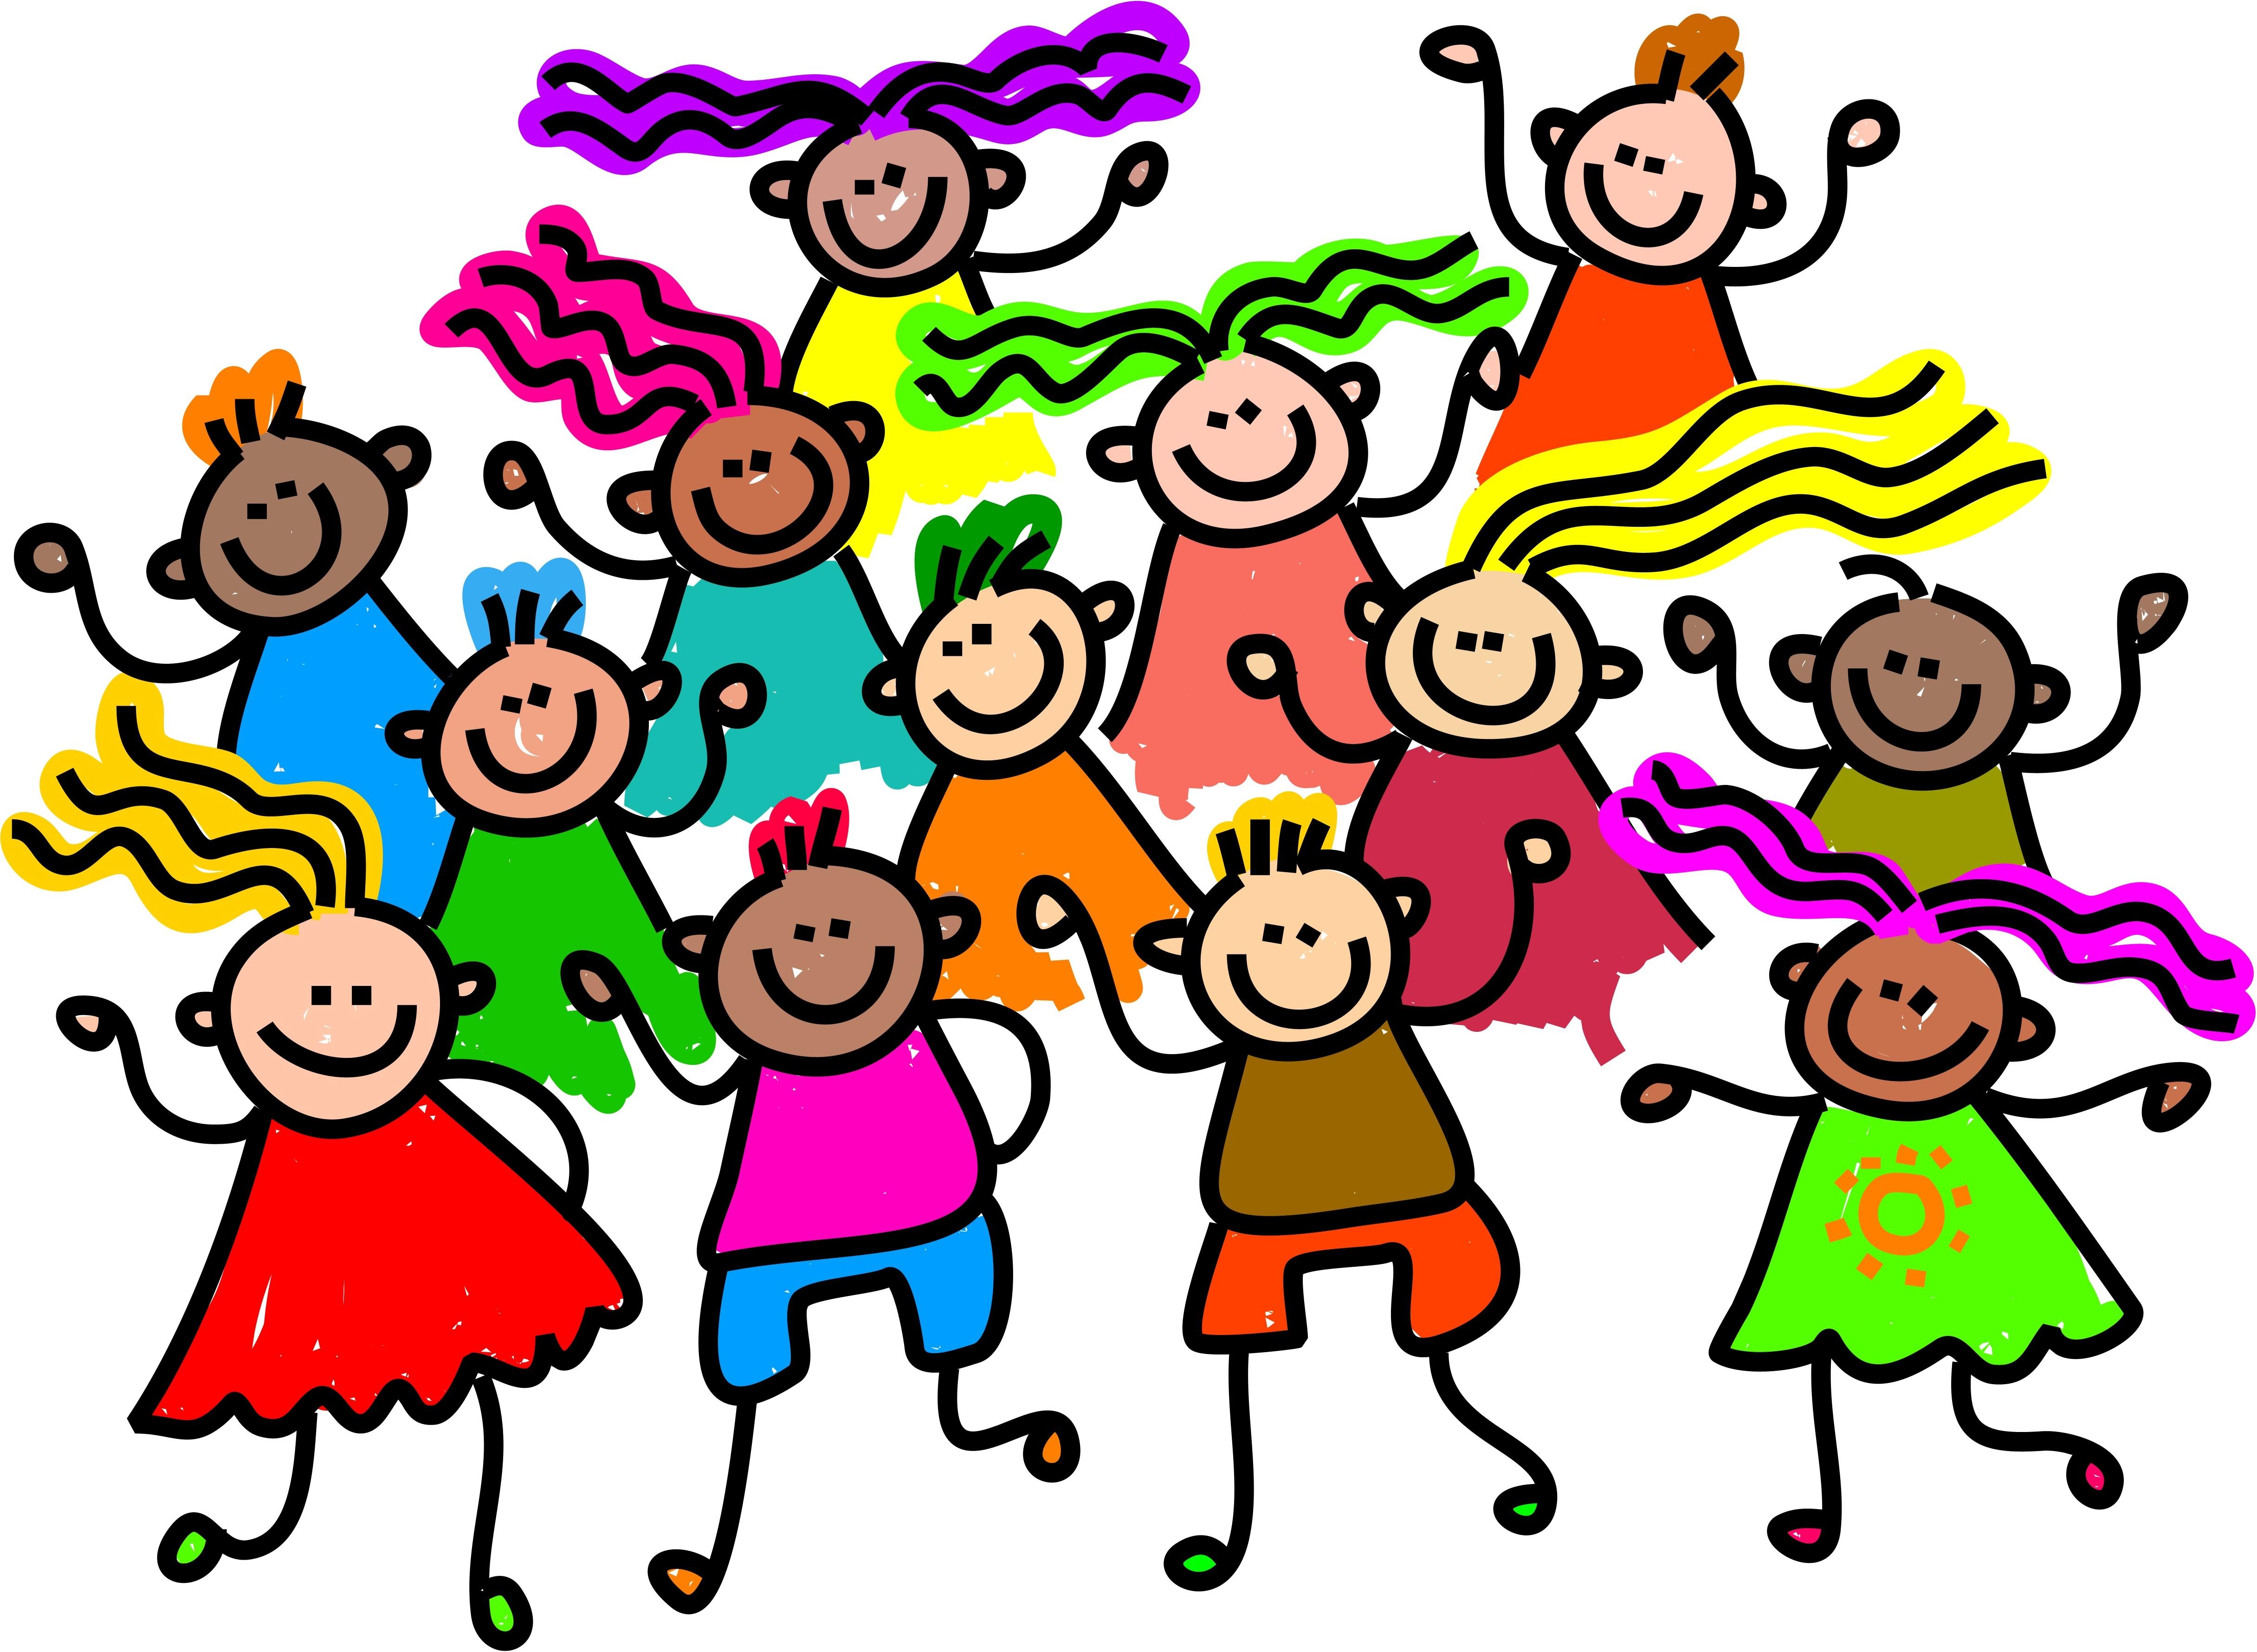 Community clipart participation Autism Levels group photo Participation